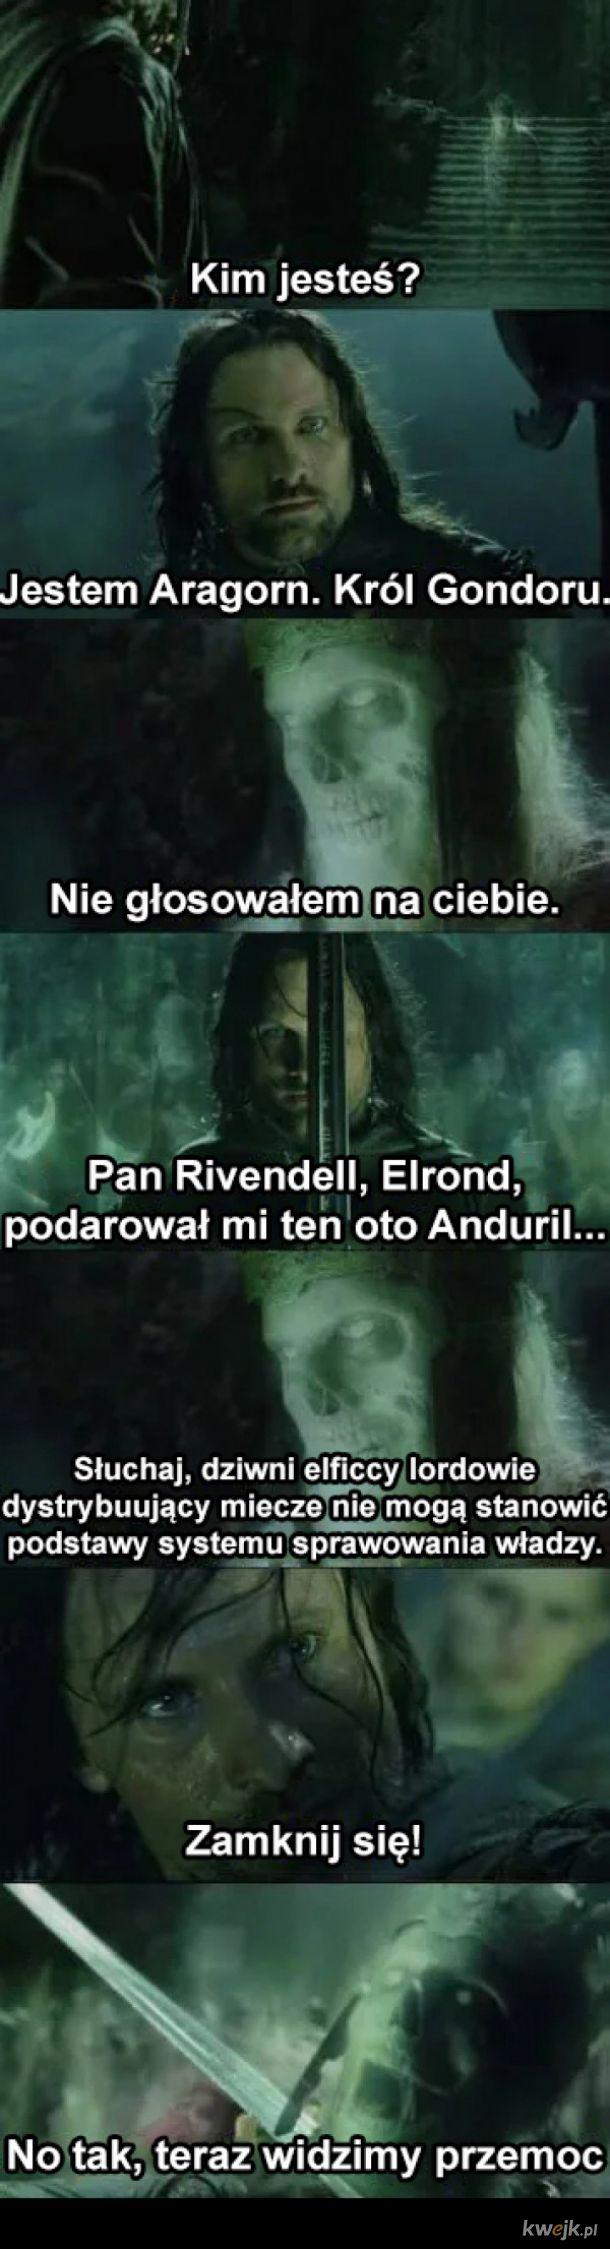 Król Gondoru